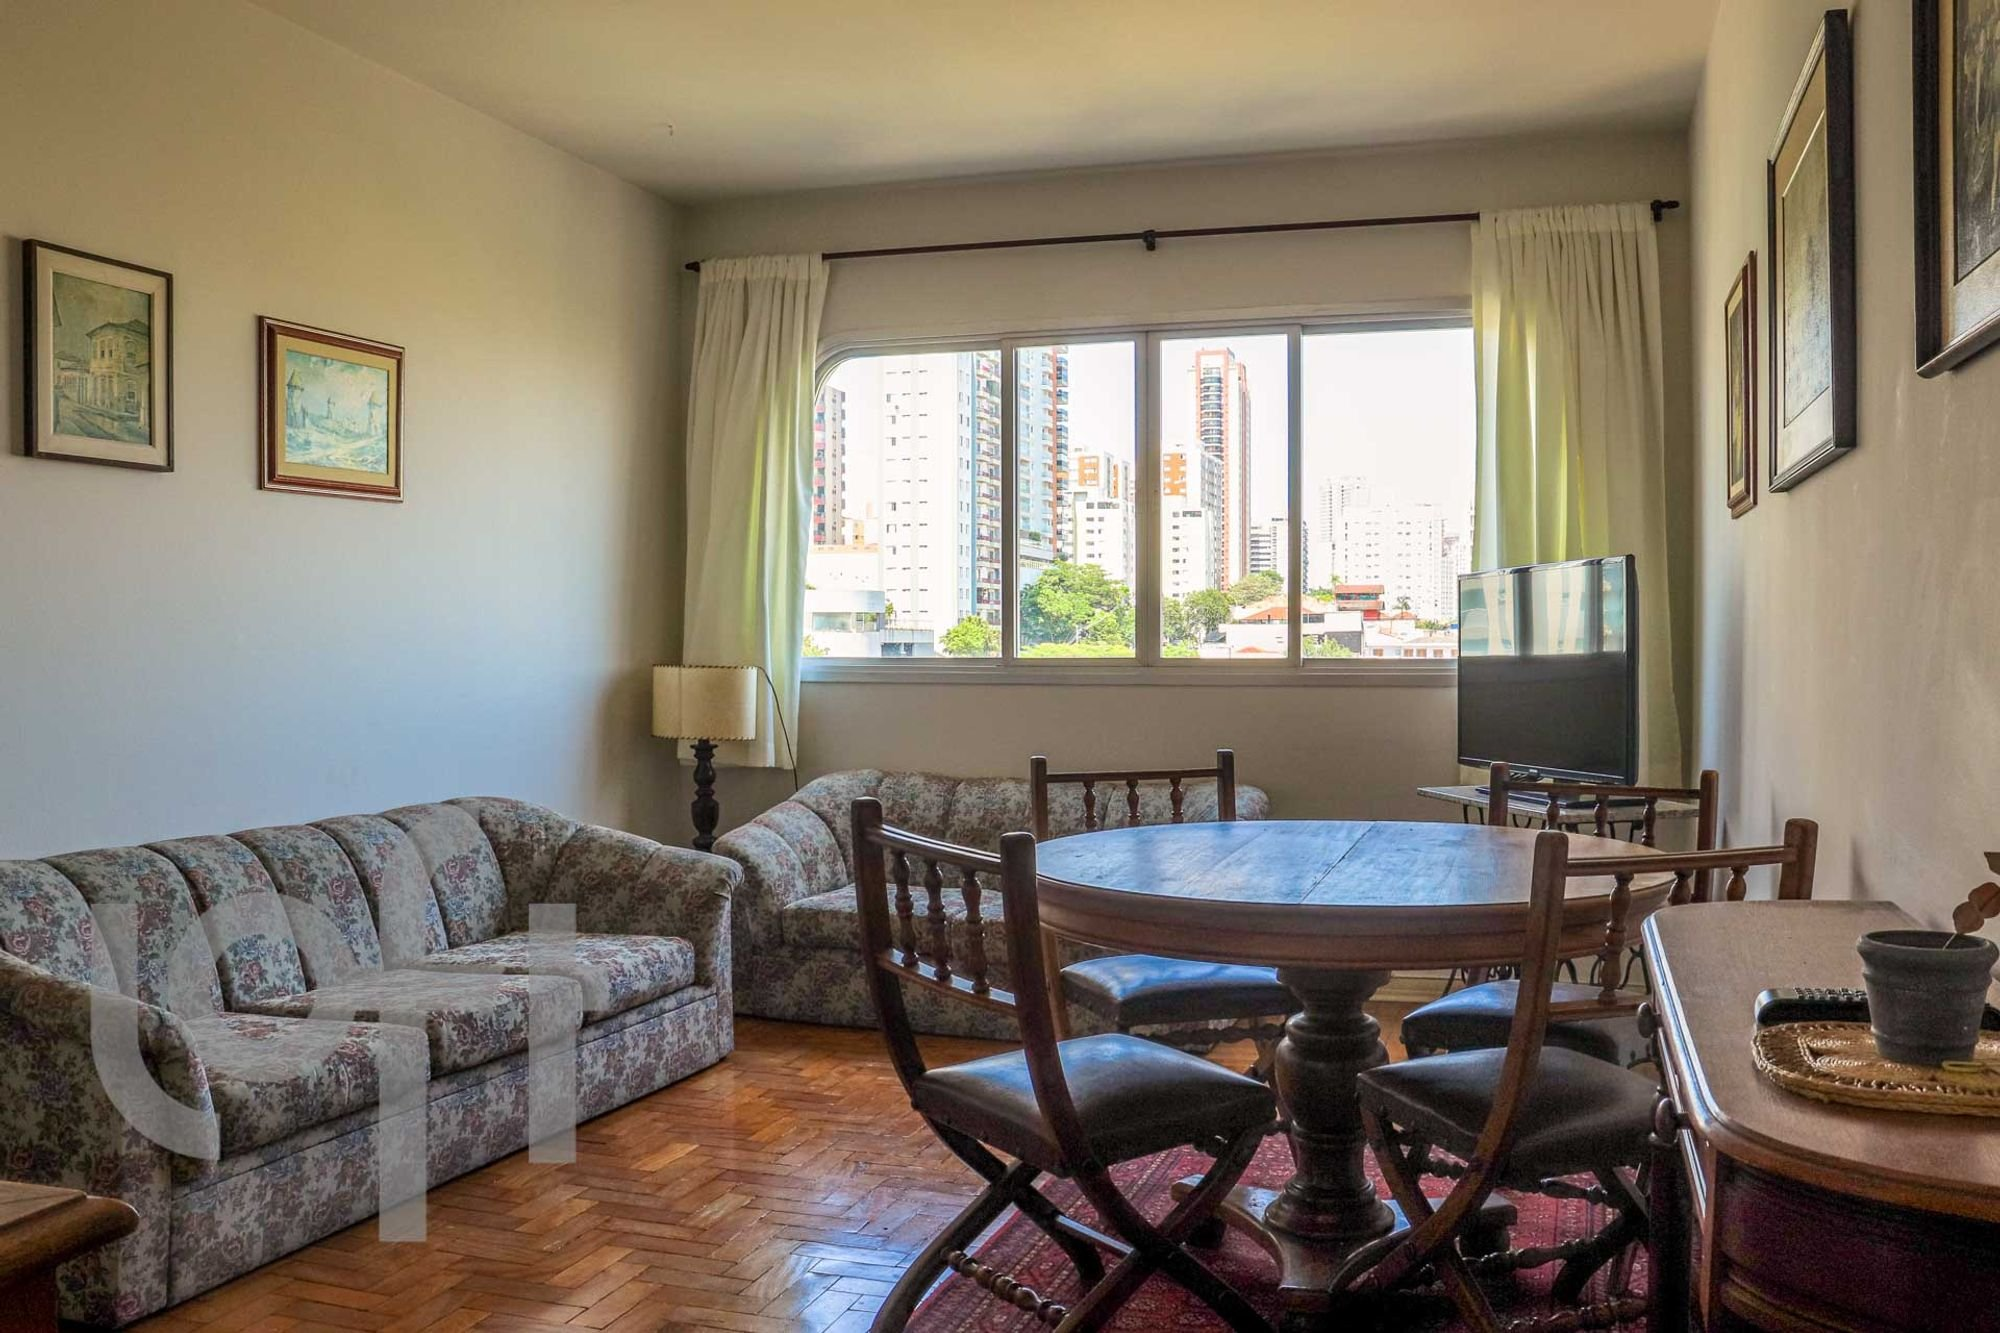 Foto de Sala com sofá, cadeira, mesa de jantar, xícara